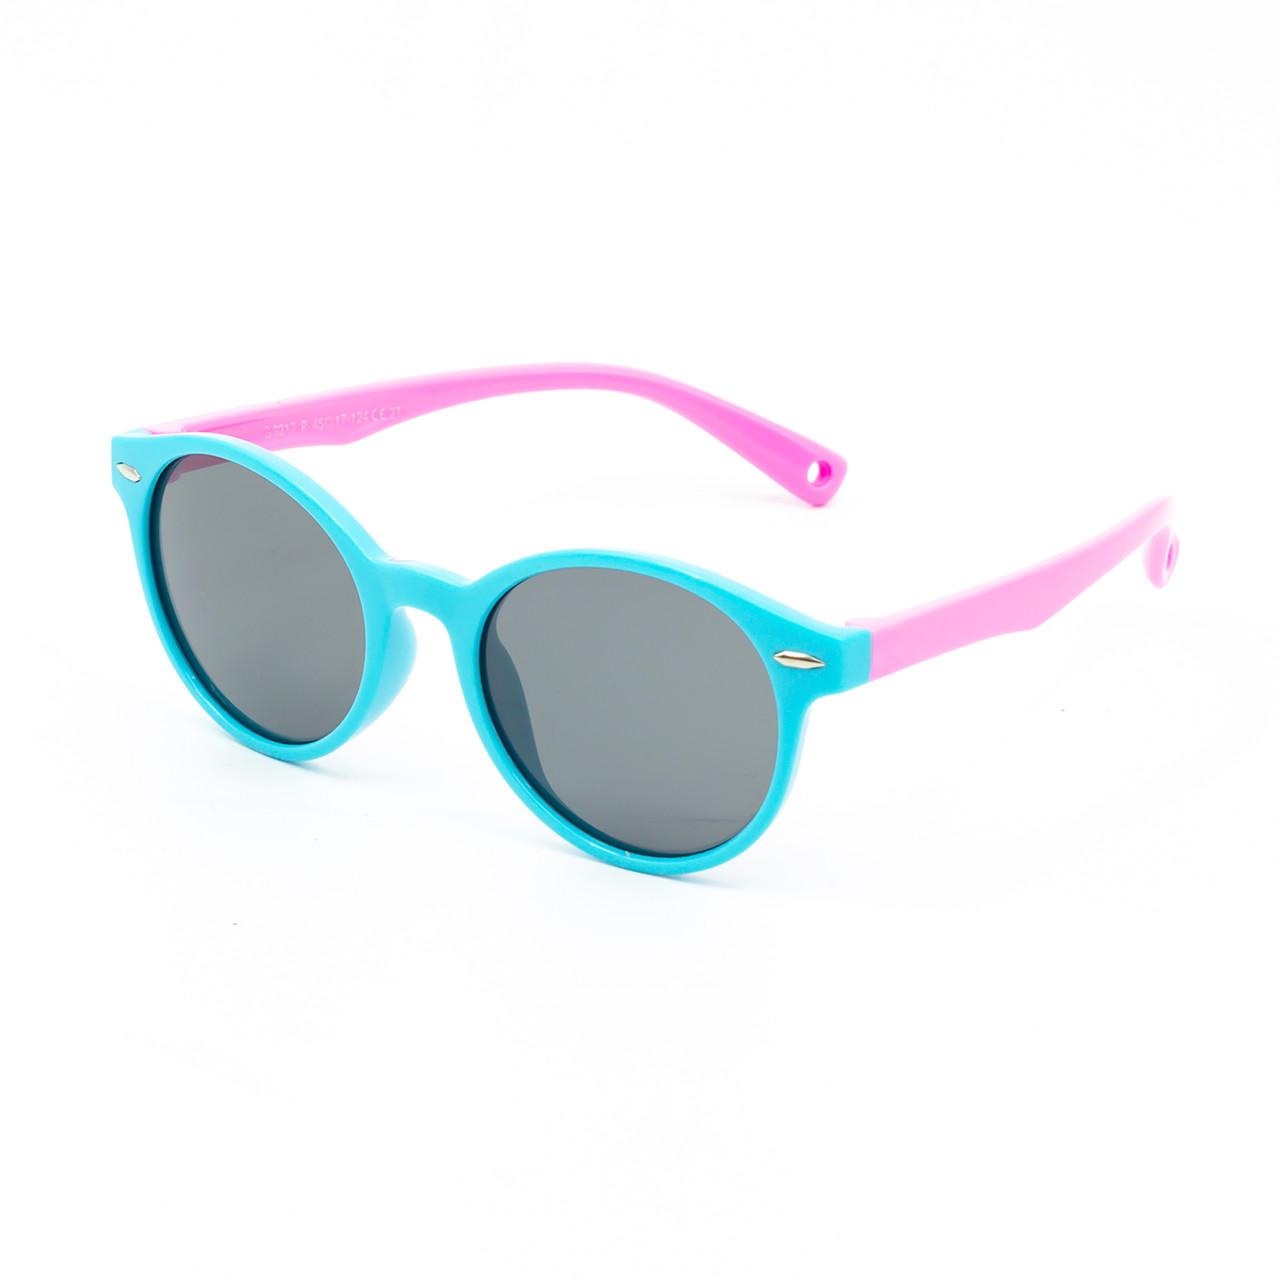 Солнцезащитные очки Marmilen Polar S8217P C27 голубой розовый   ( KAS8217P-27 )